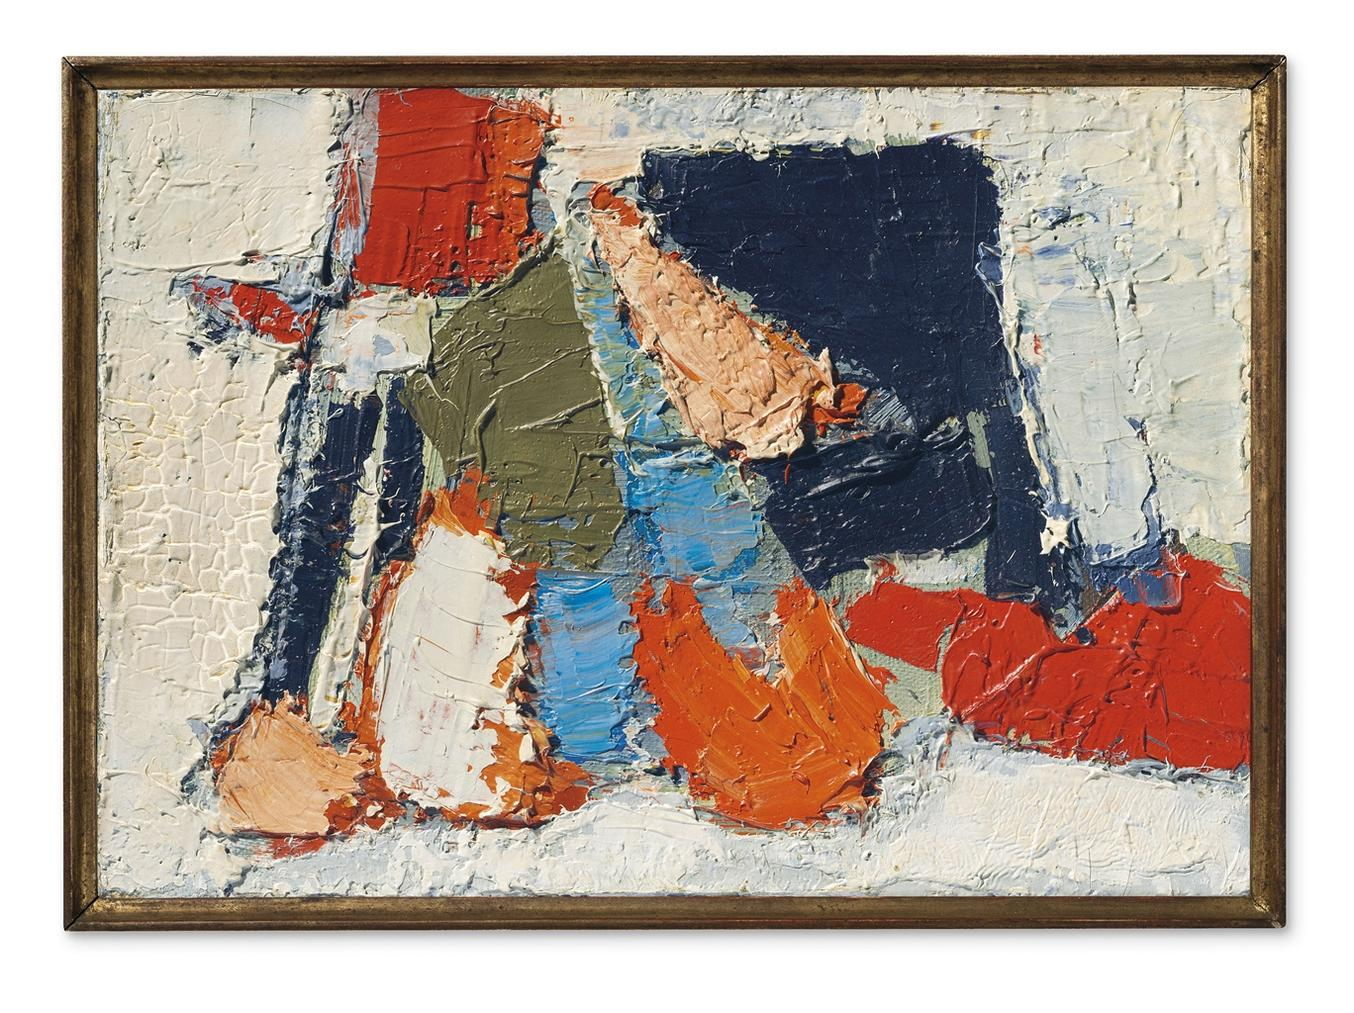 Nicolas de Stael-Composition-1950